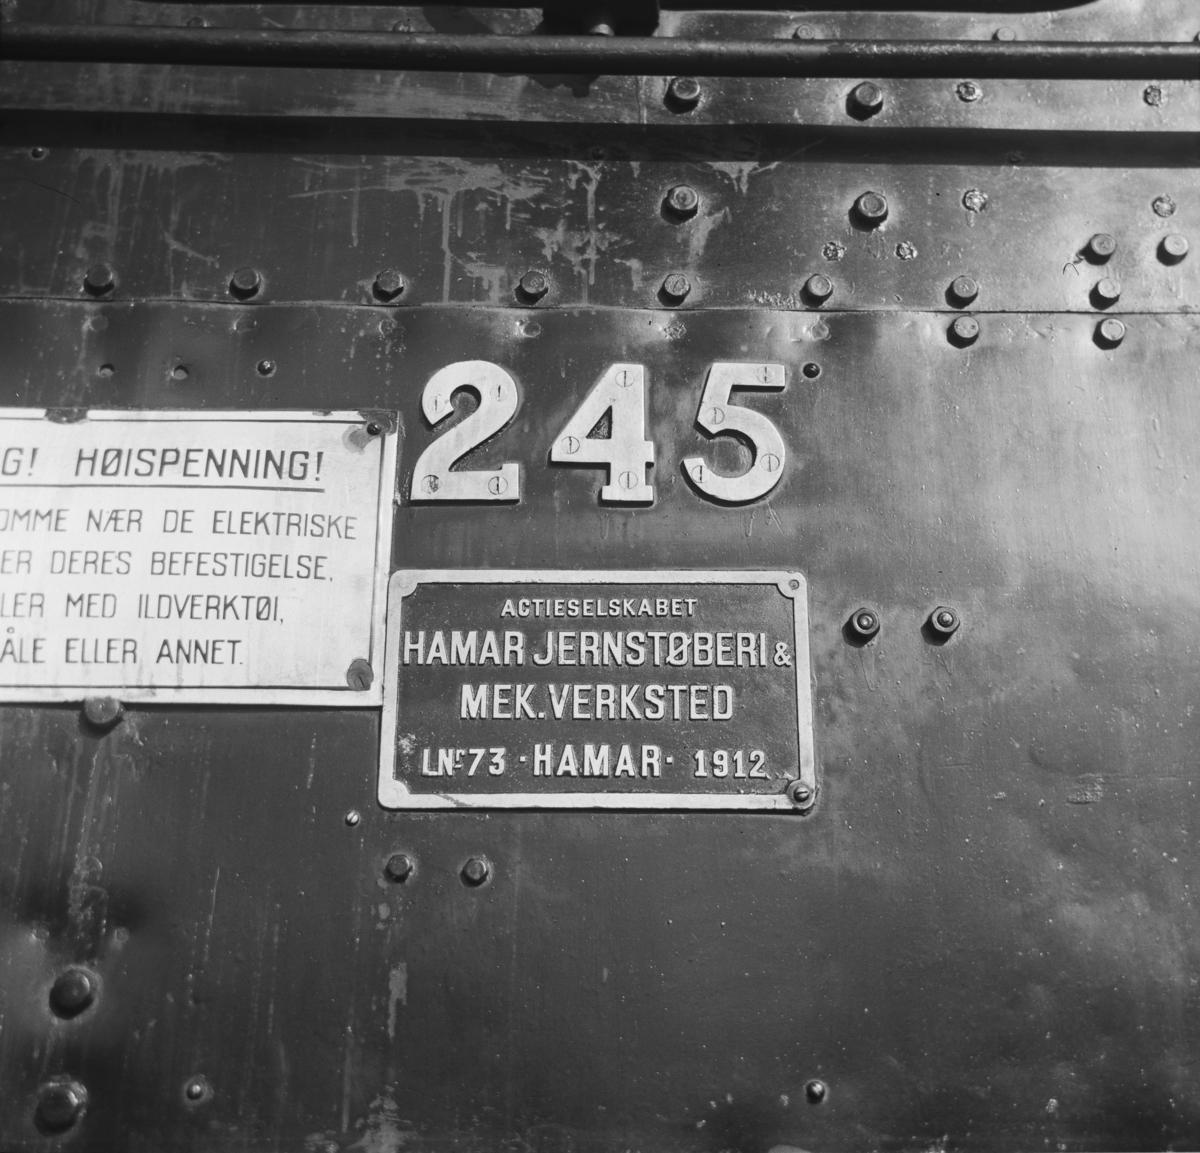 Fabrikk- og nummerskilt på damplok 18c nr. 245.